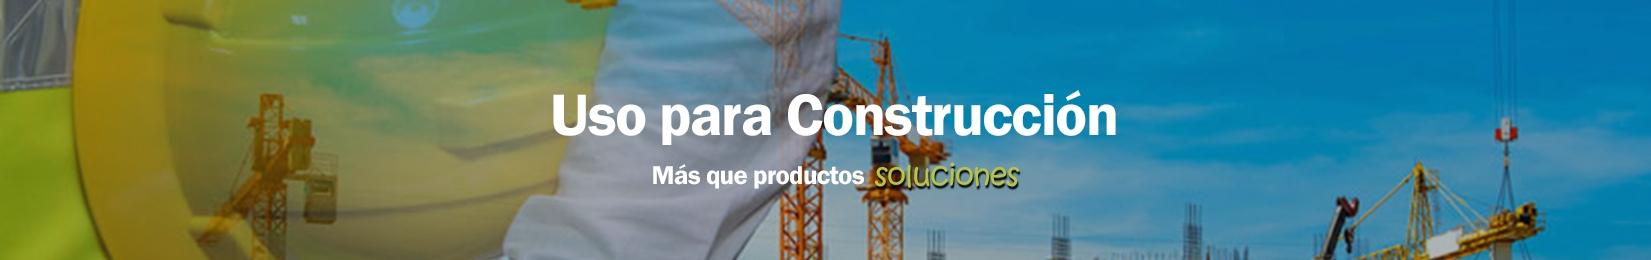 Uso para Construccion